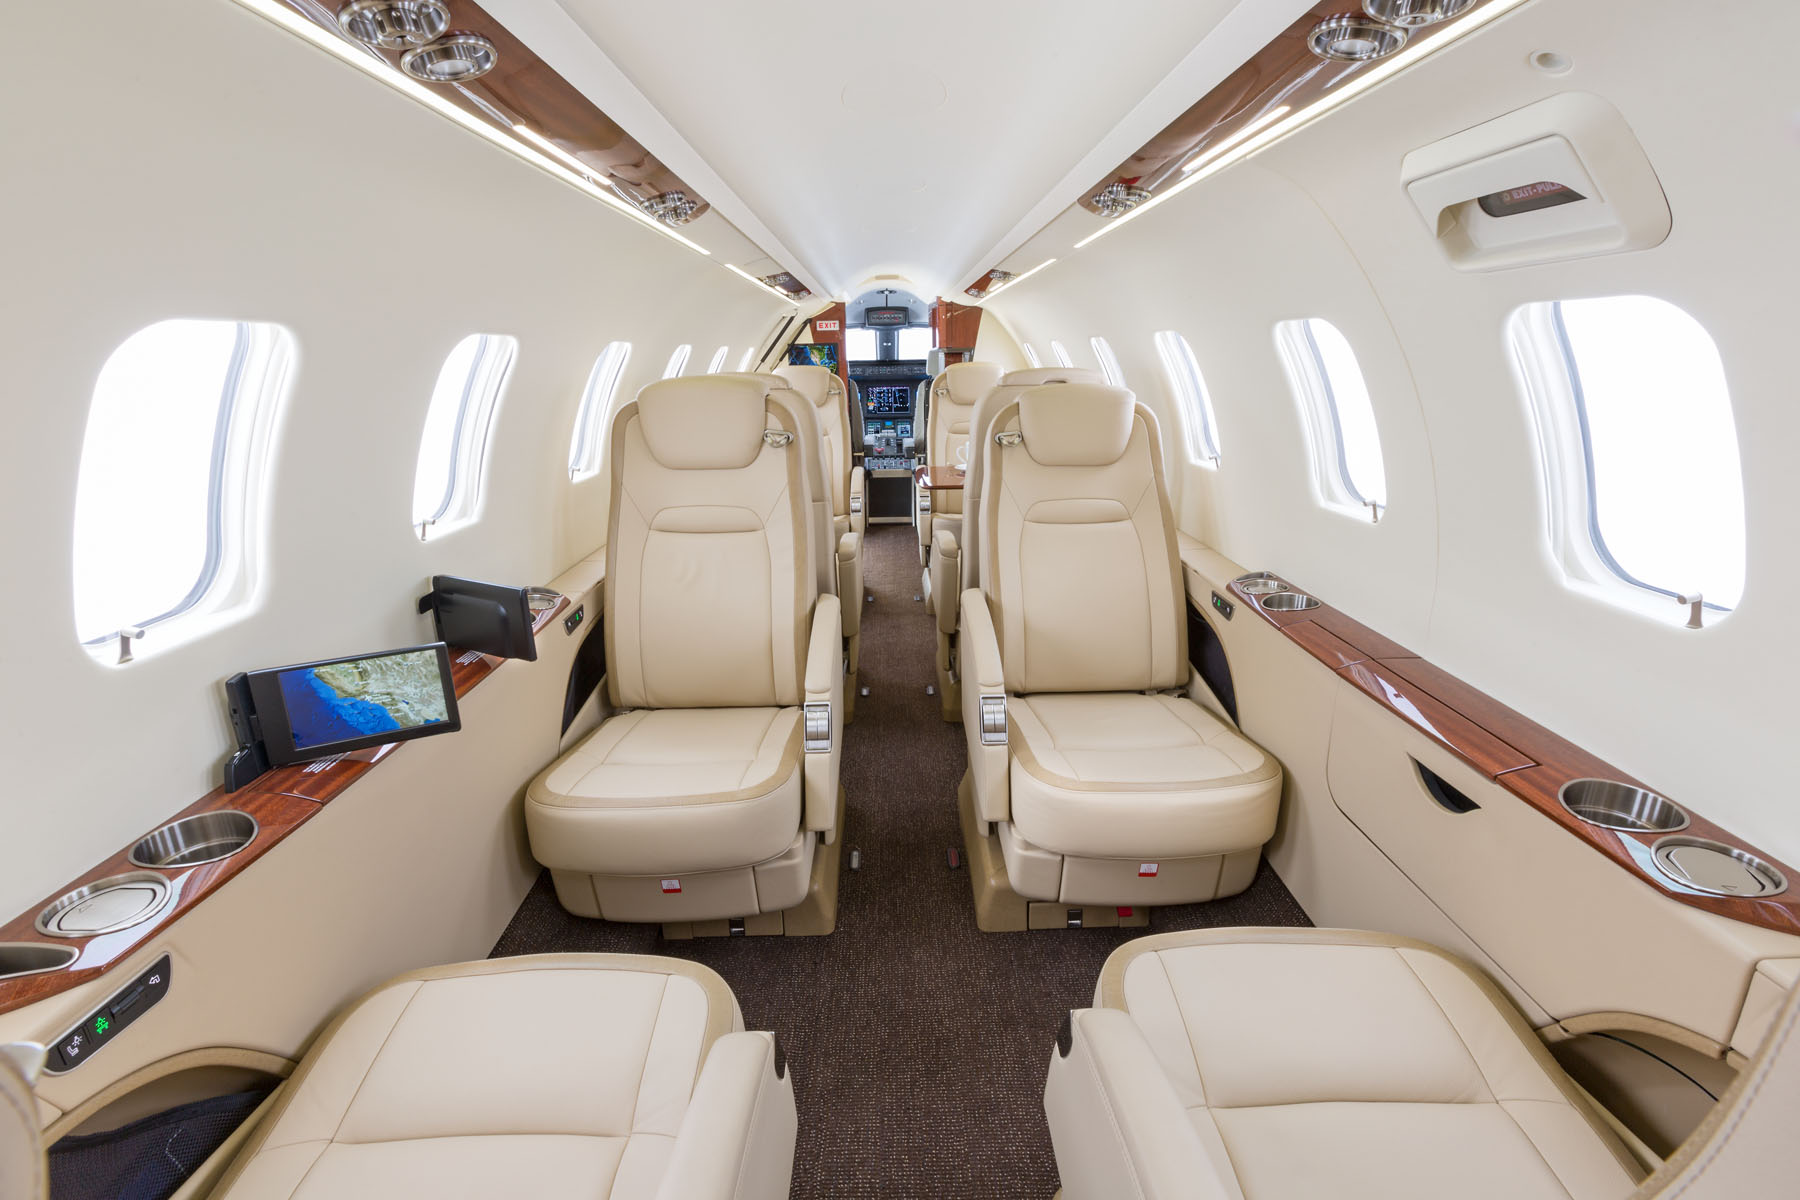 Learjet Interior